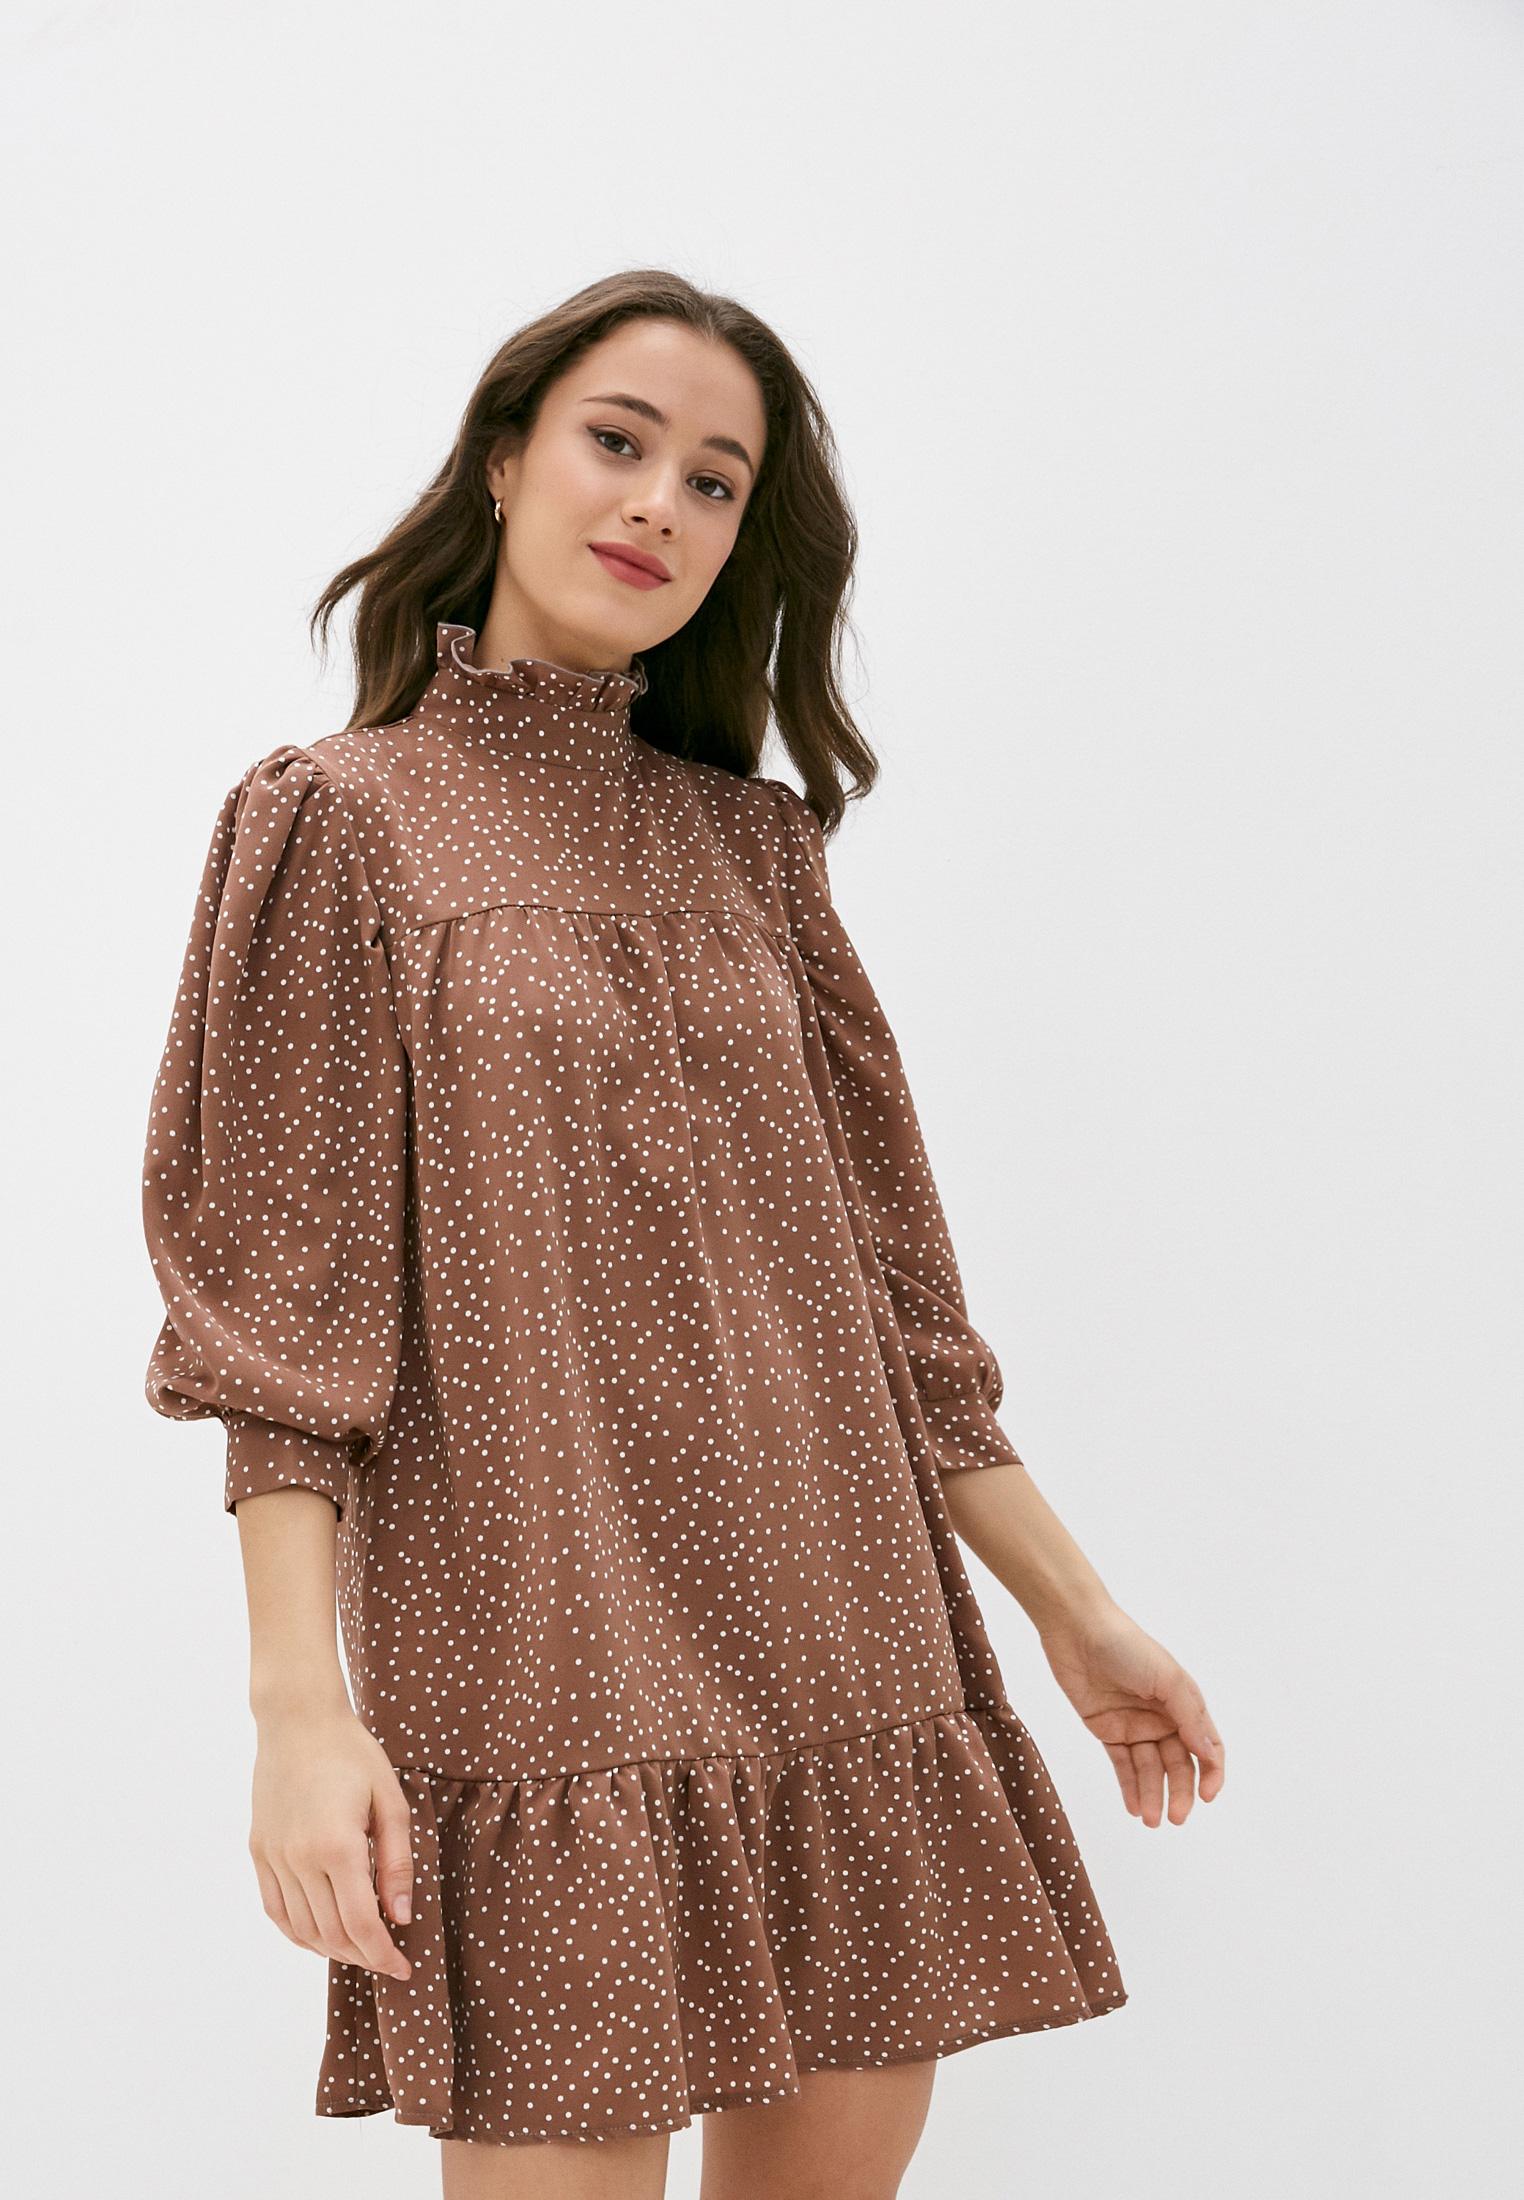 Платье Dunia DU21-24-1